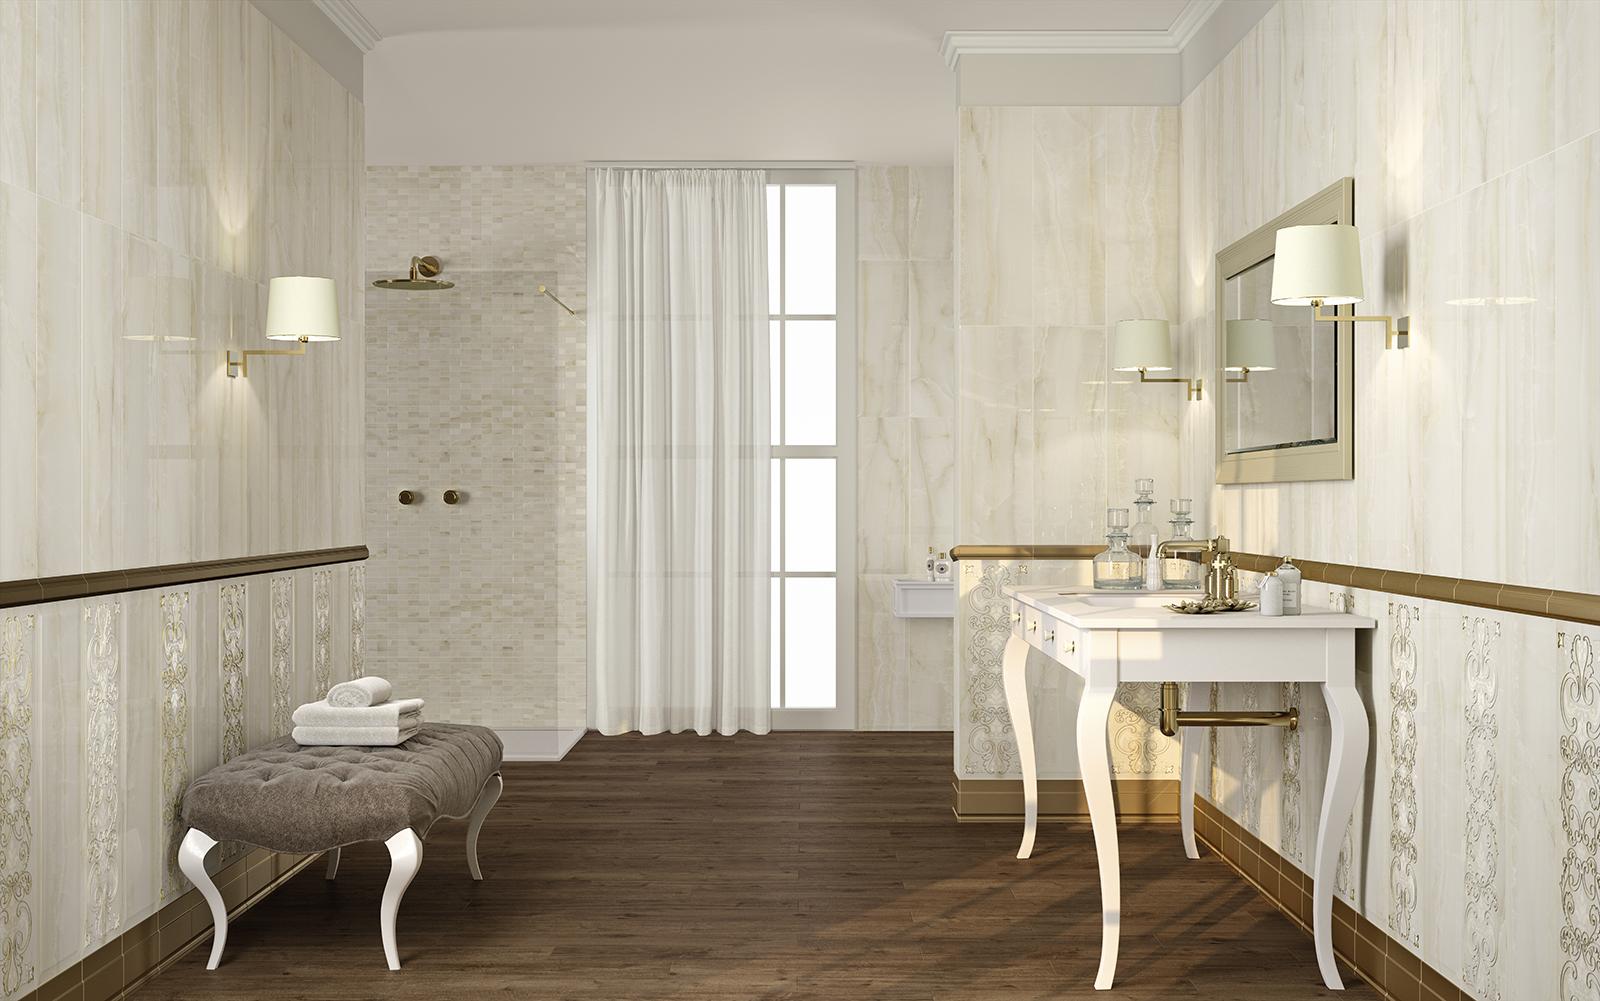 Badezimmer Dekorationen war genial ideen für ihr haus ideen